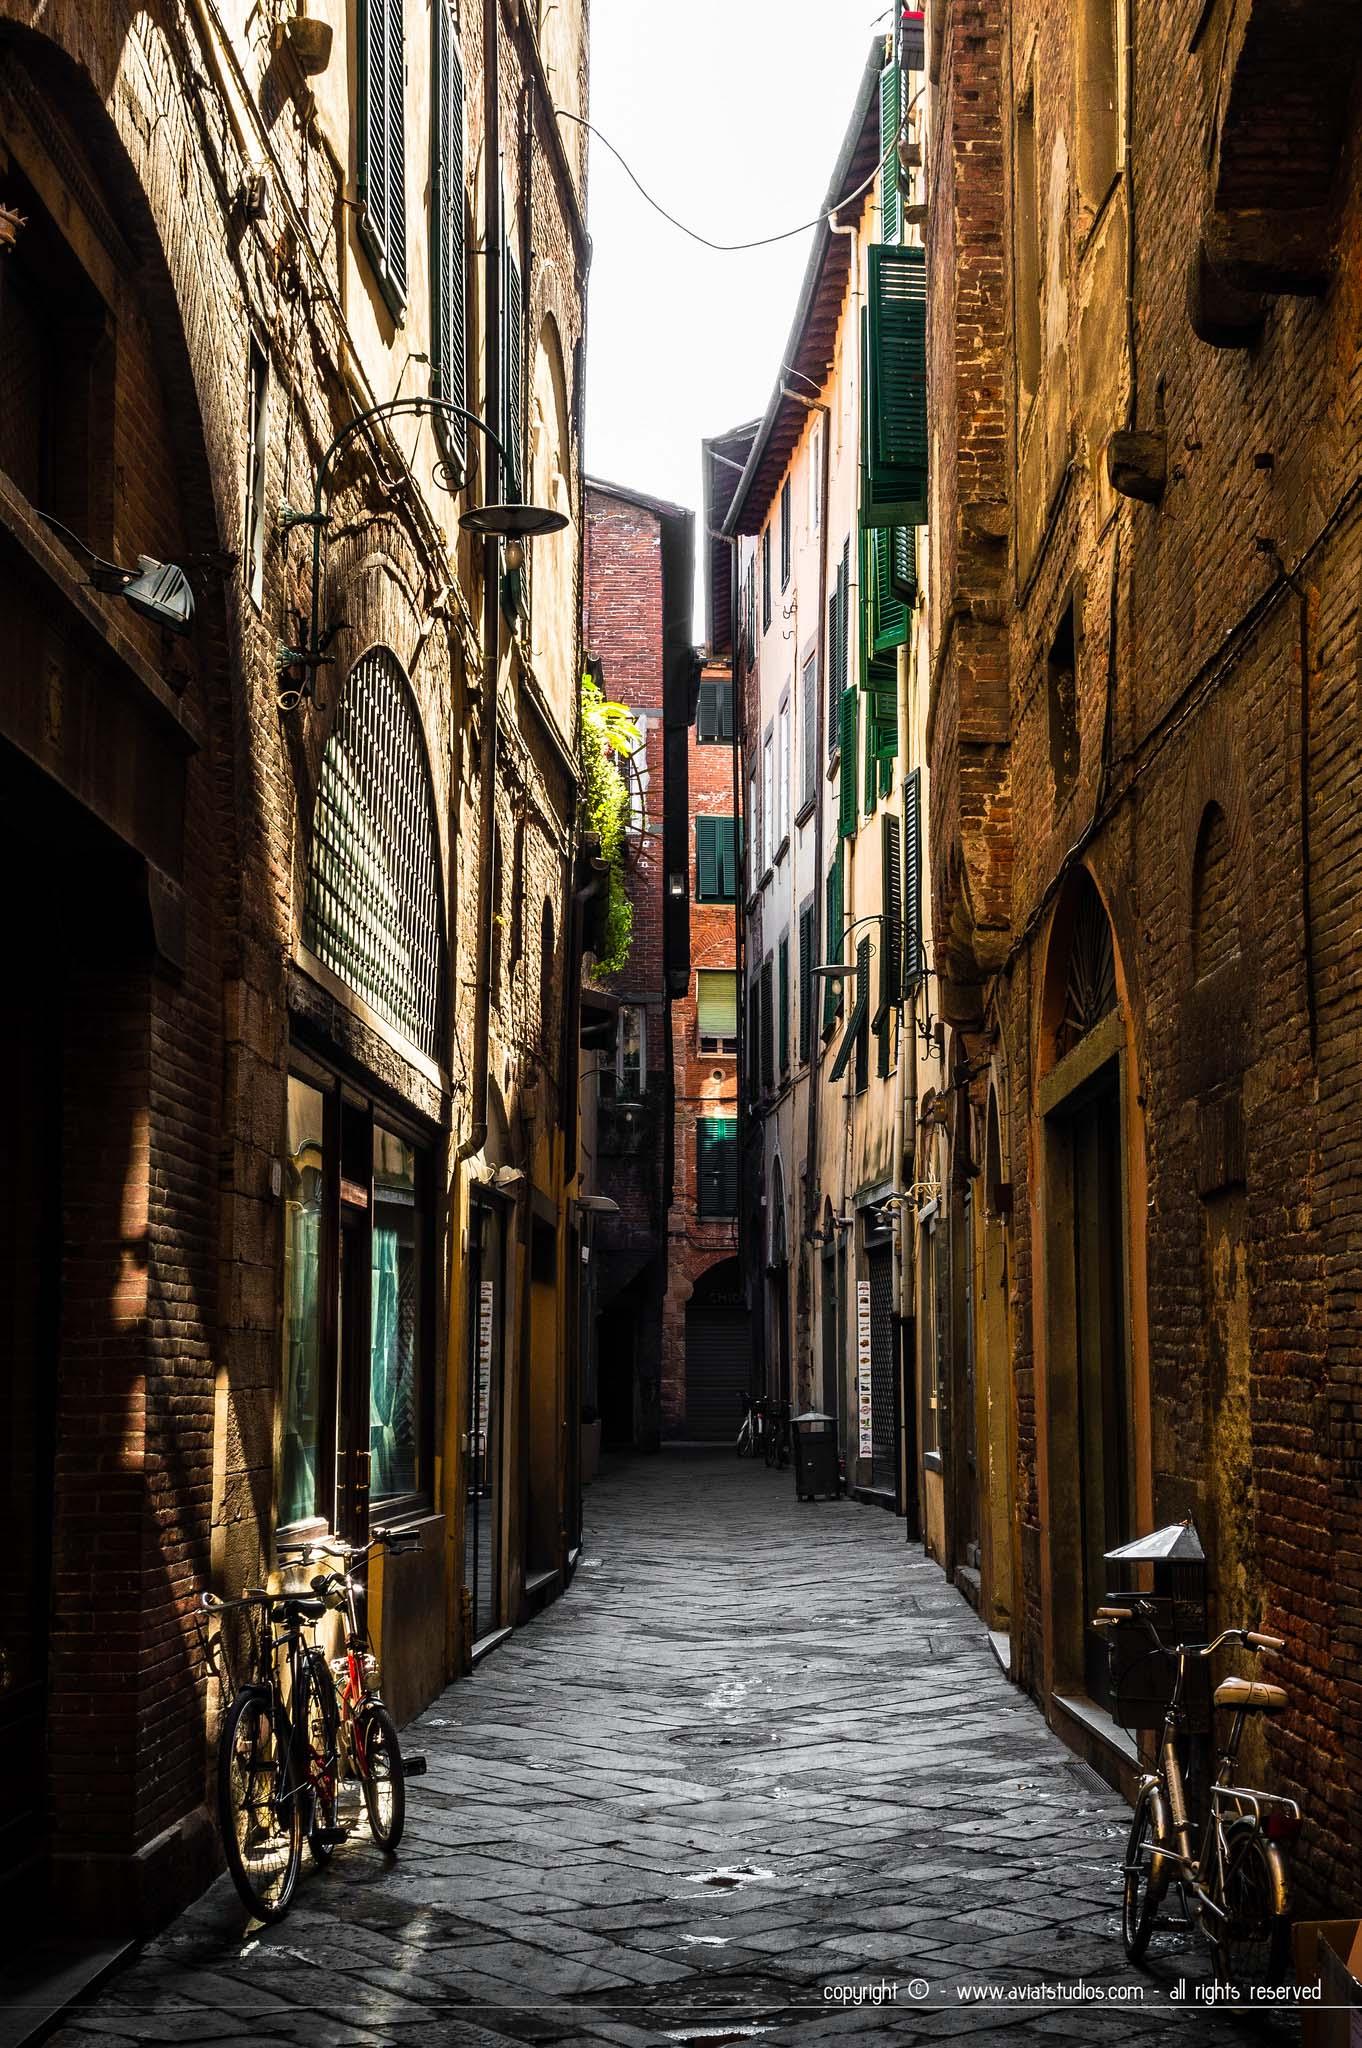 journée à Lucca - le soleil matinal pénétrant une ruelle encore déserte